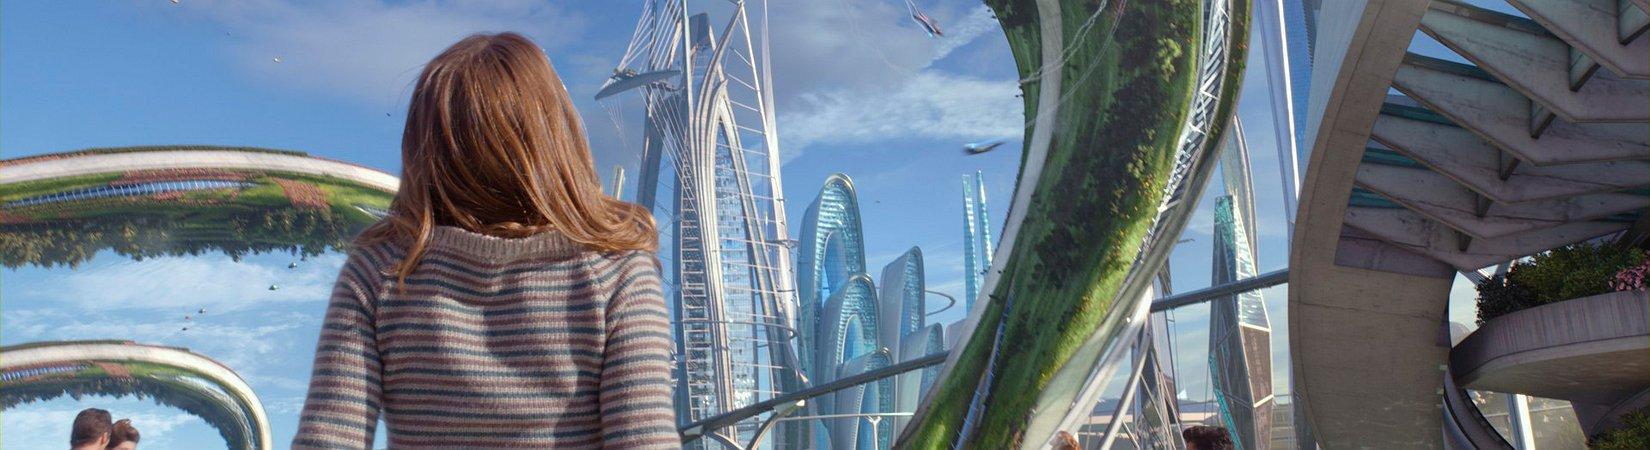 Bem-vindo a 2030